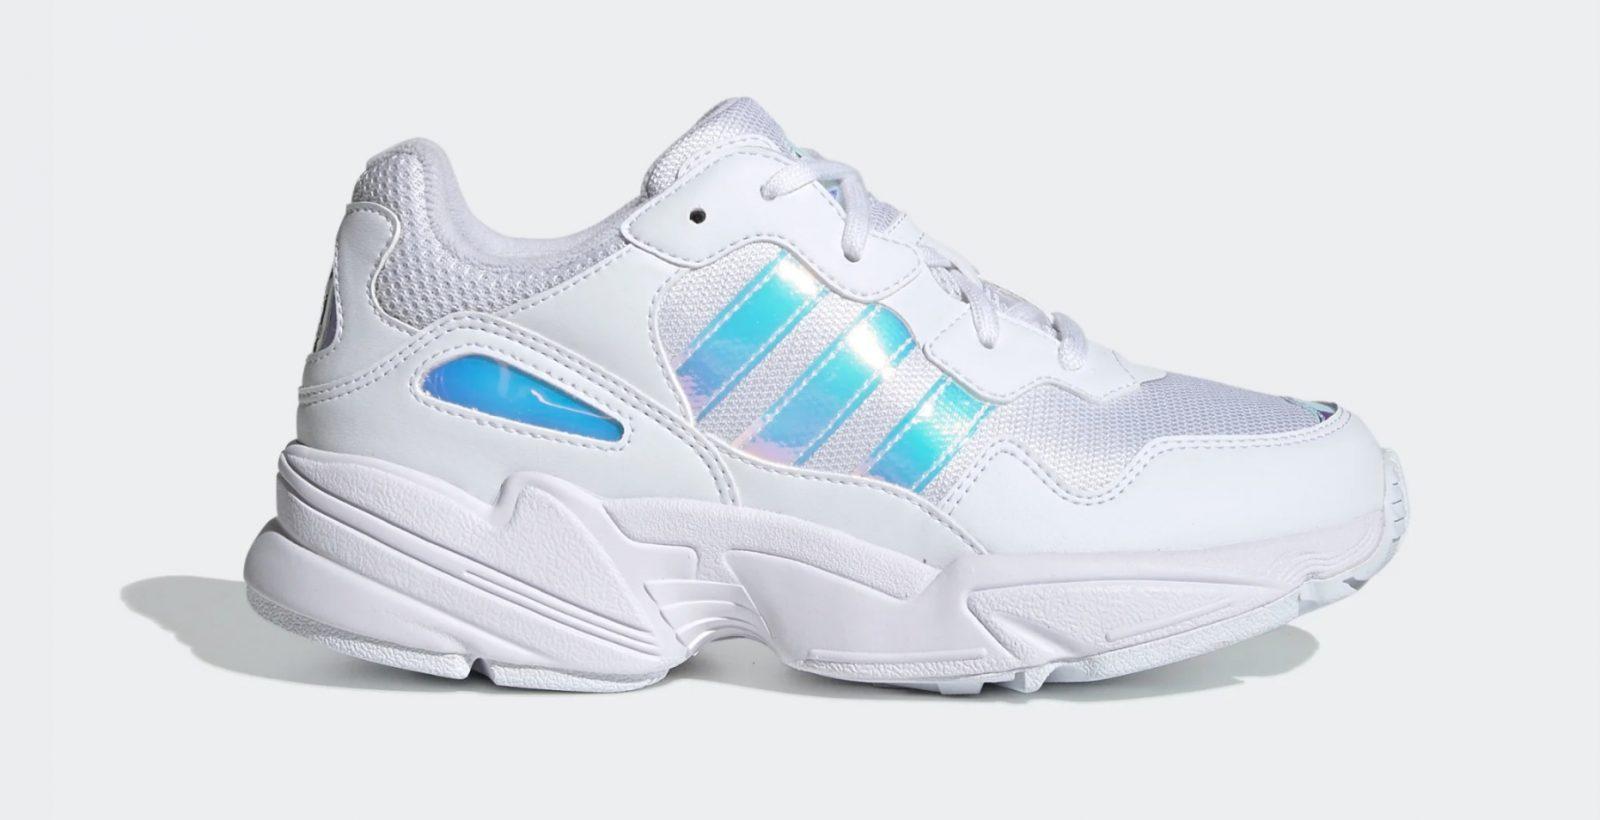 adidas Yung-96 White Iridescent